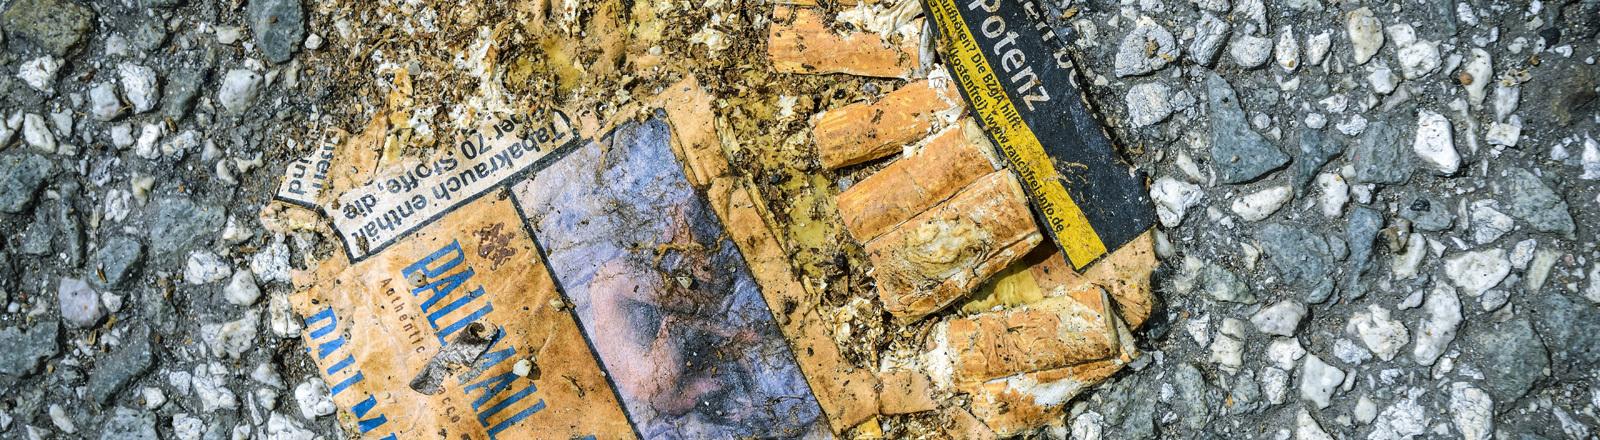 Eine aufgeweichte, zertretene Zigarettenschachtel auf der Straße